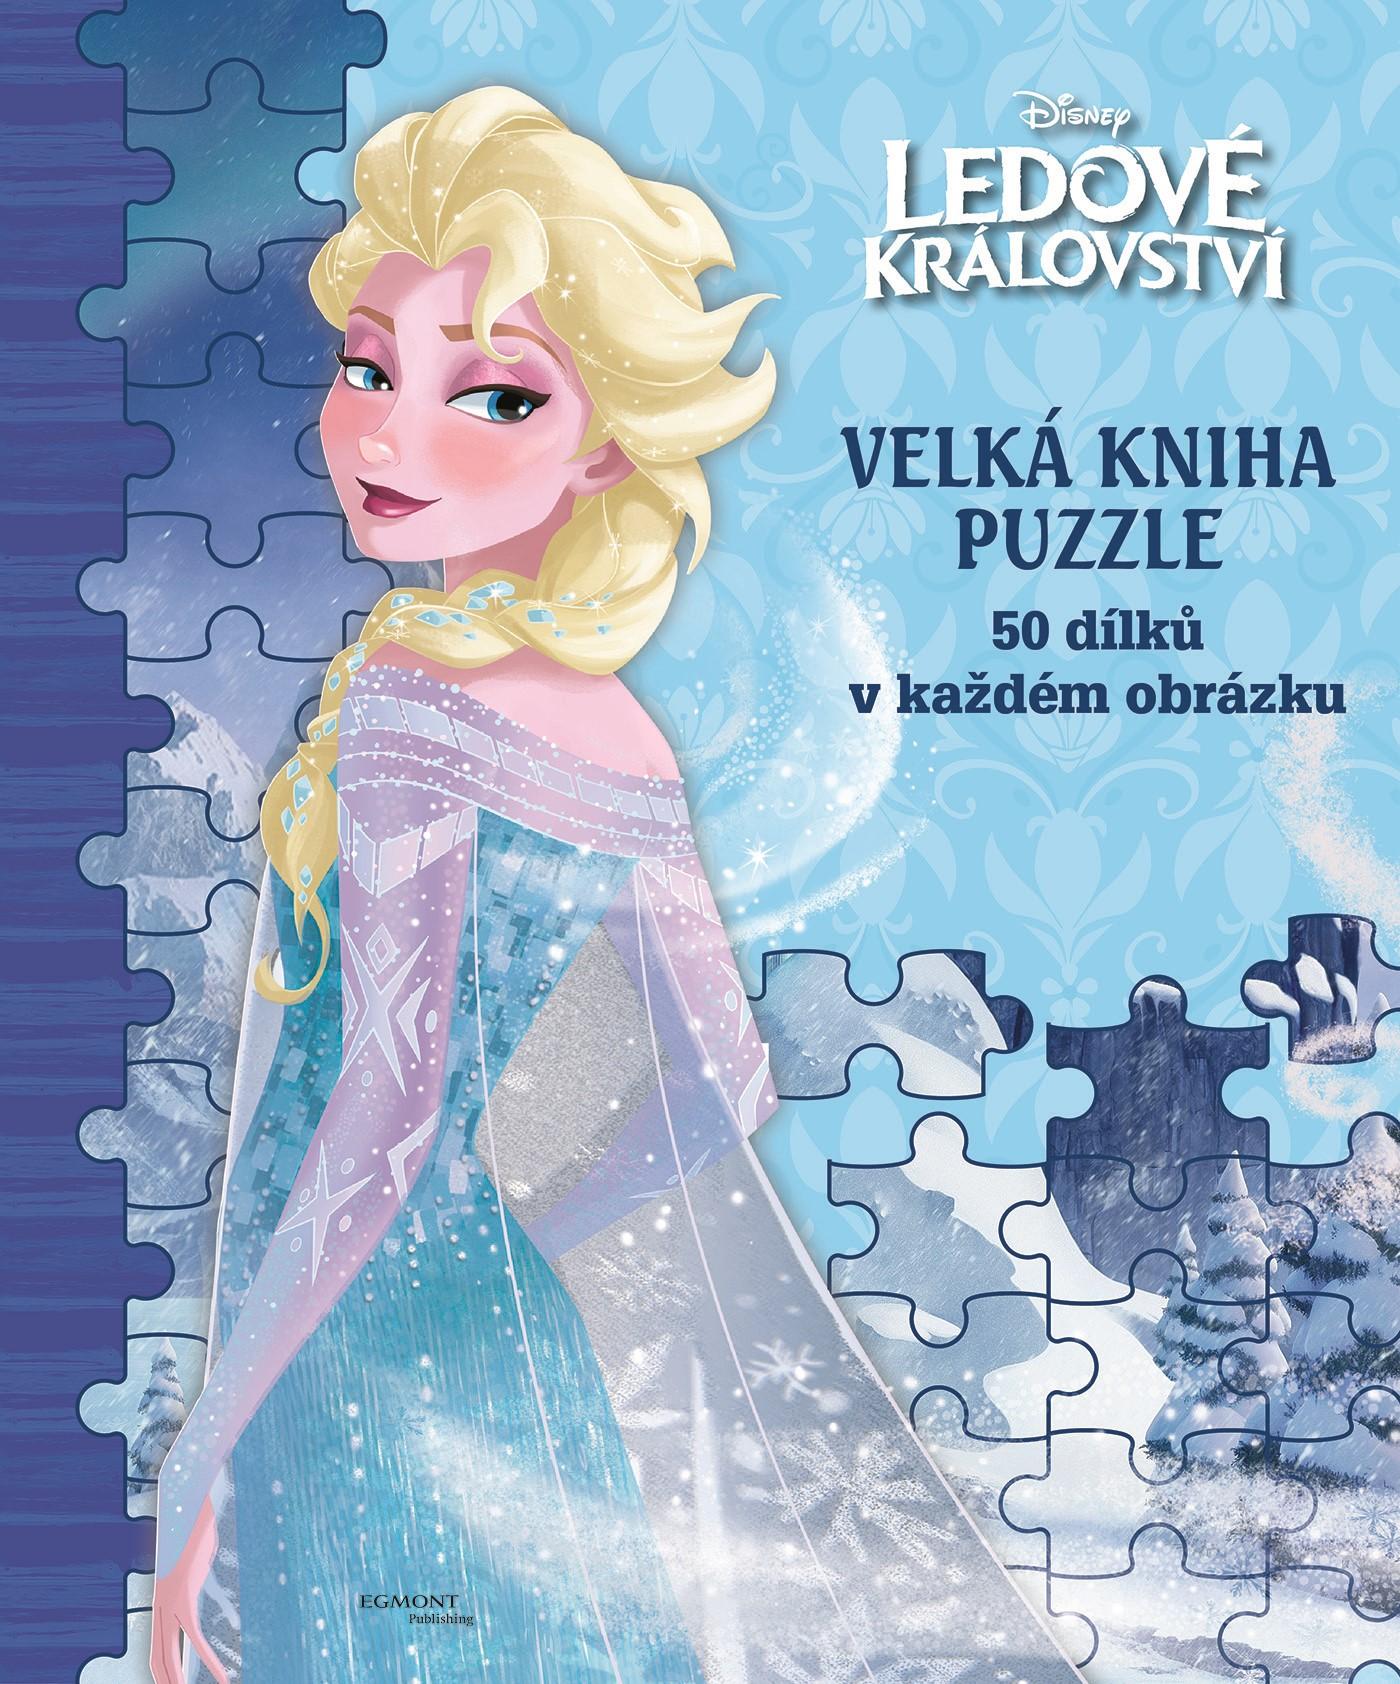 Ledové království Velká kniha puzzle |